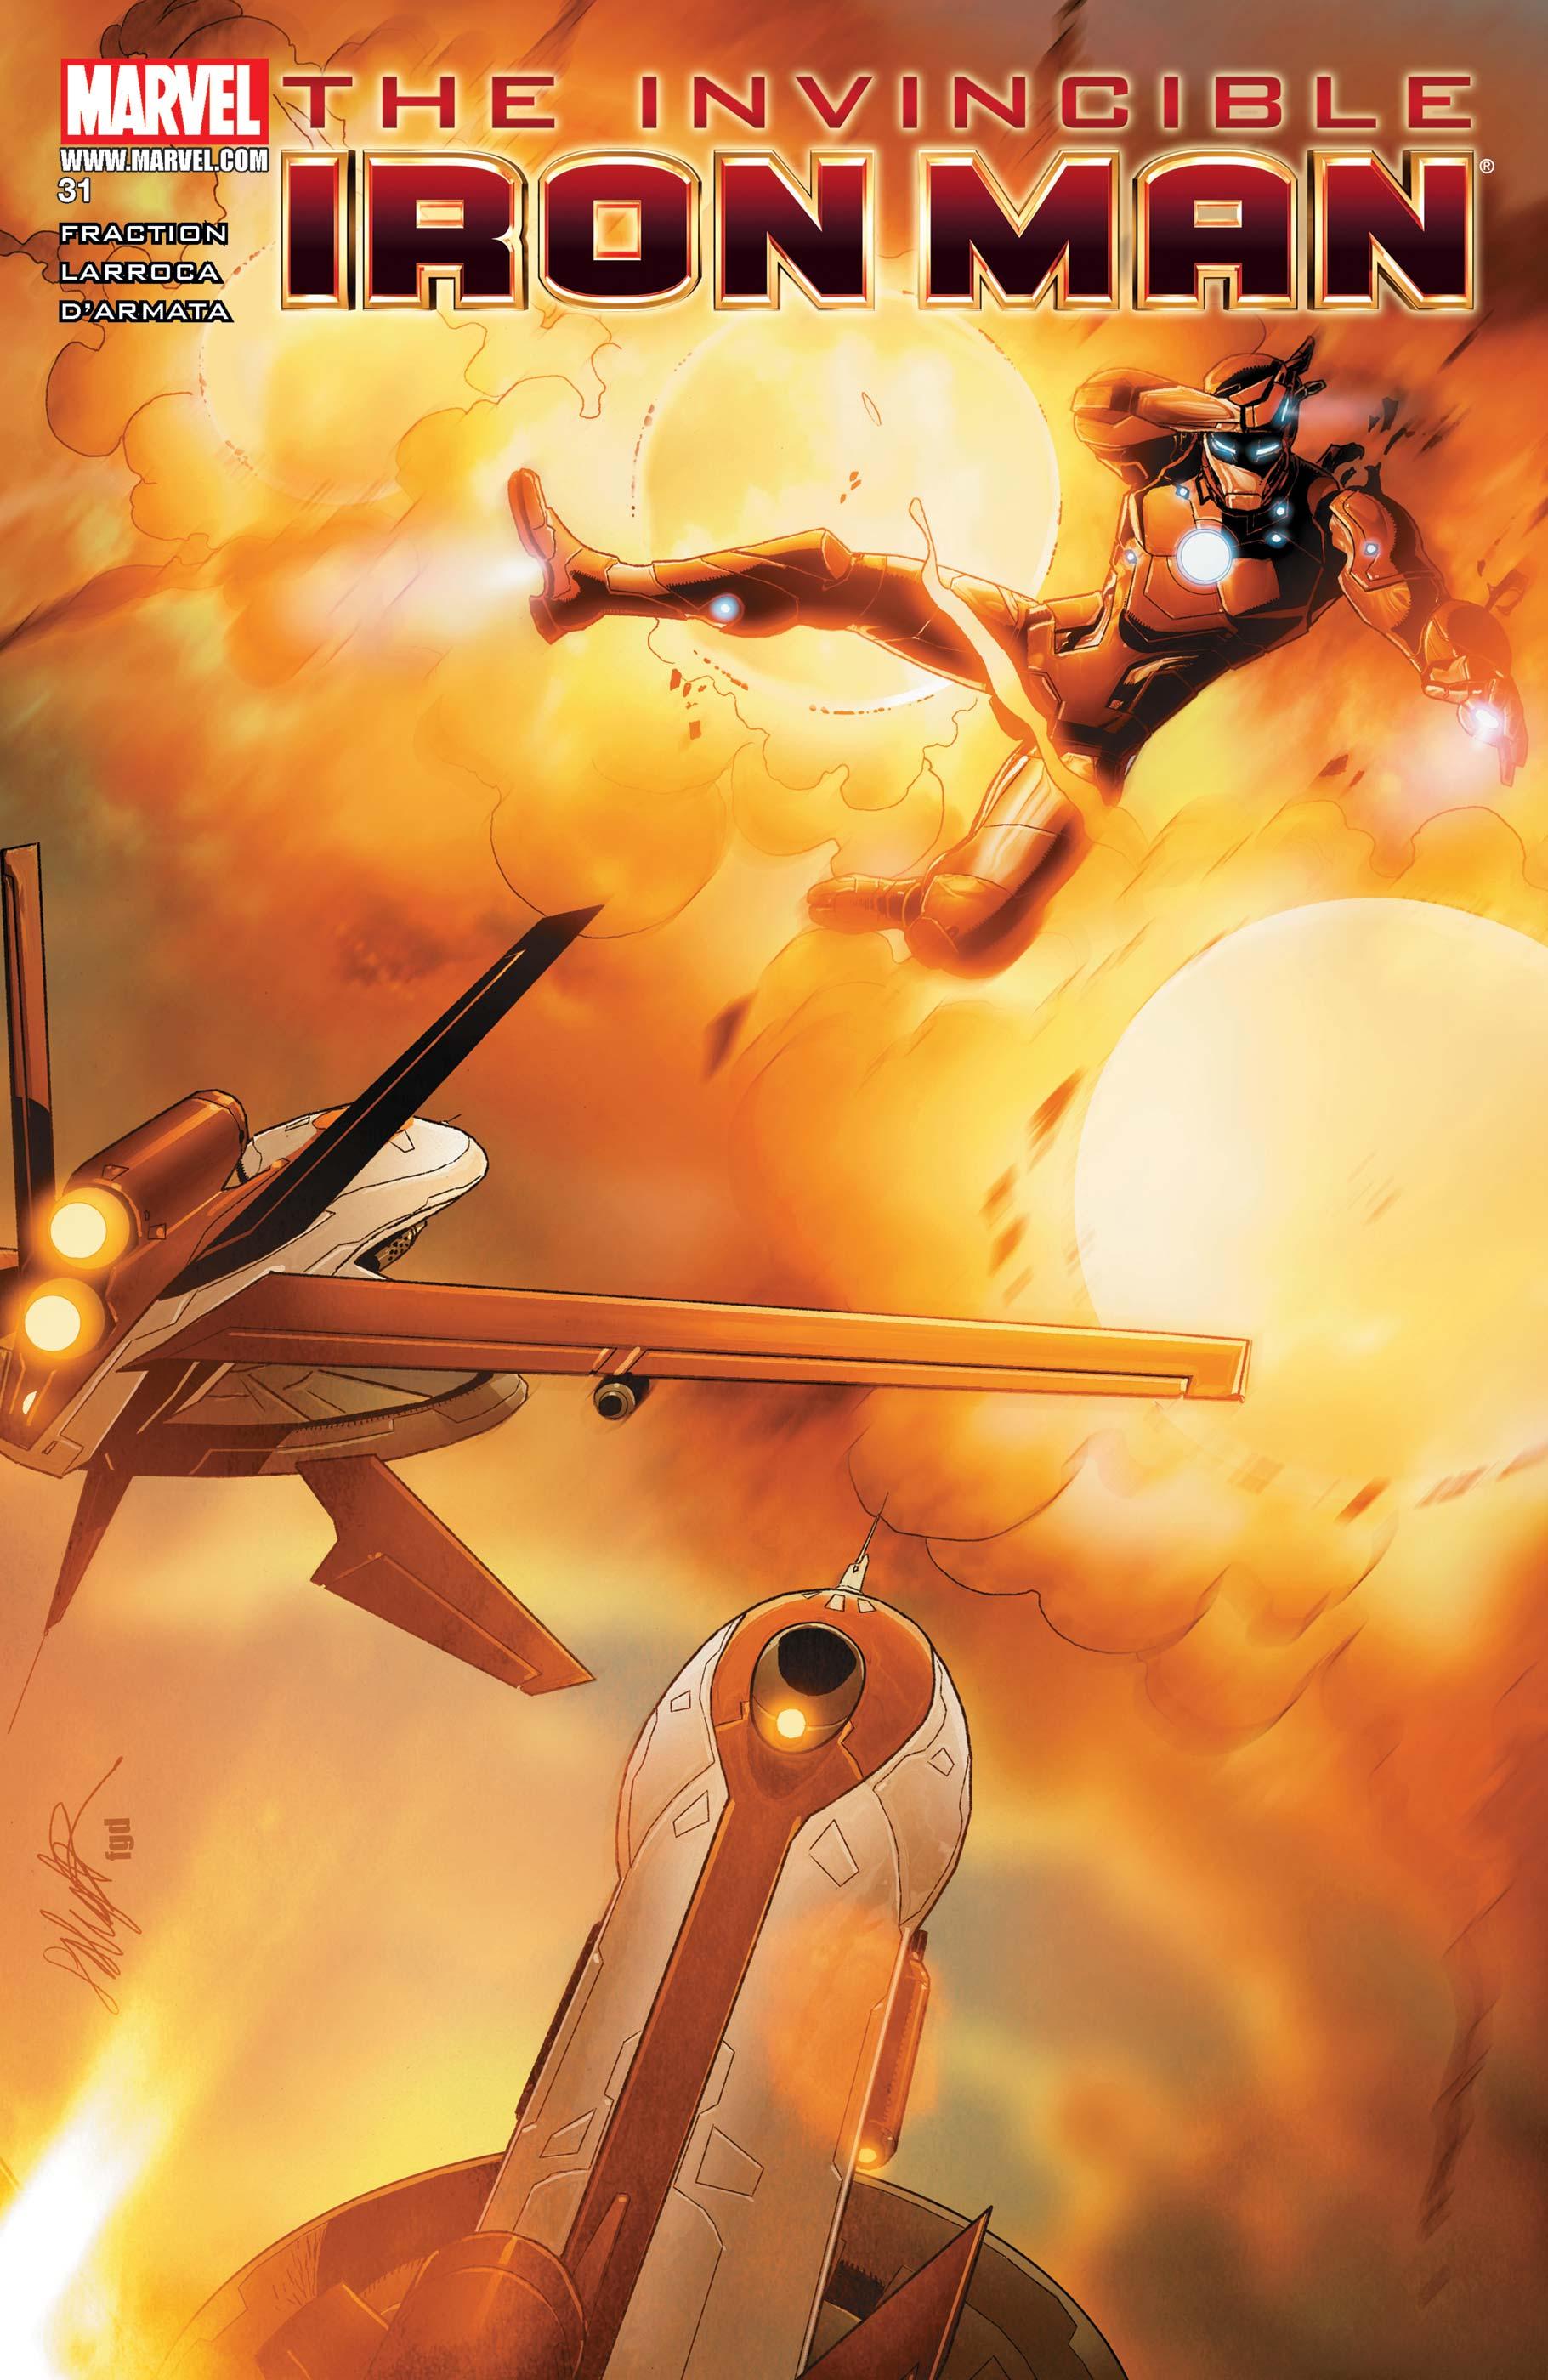 Invincible Iron Man (2008) #31